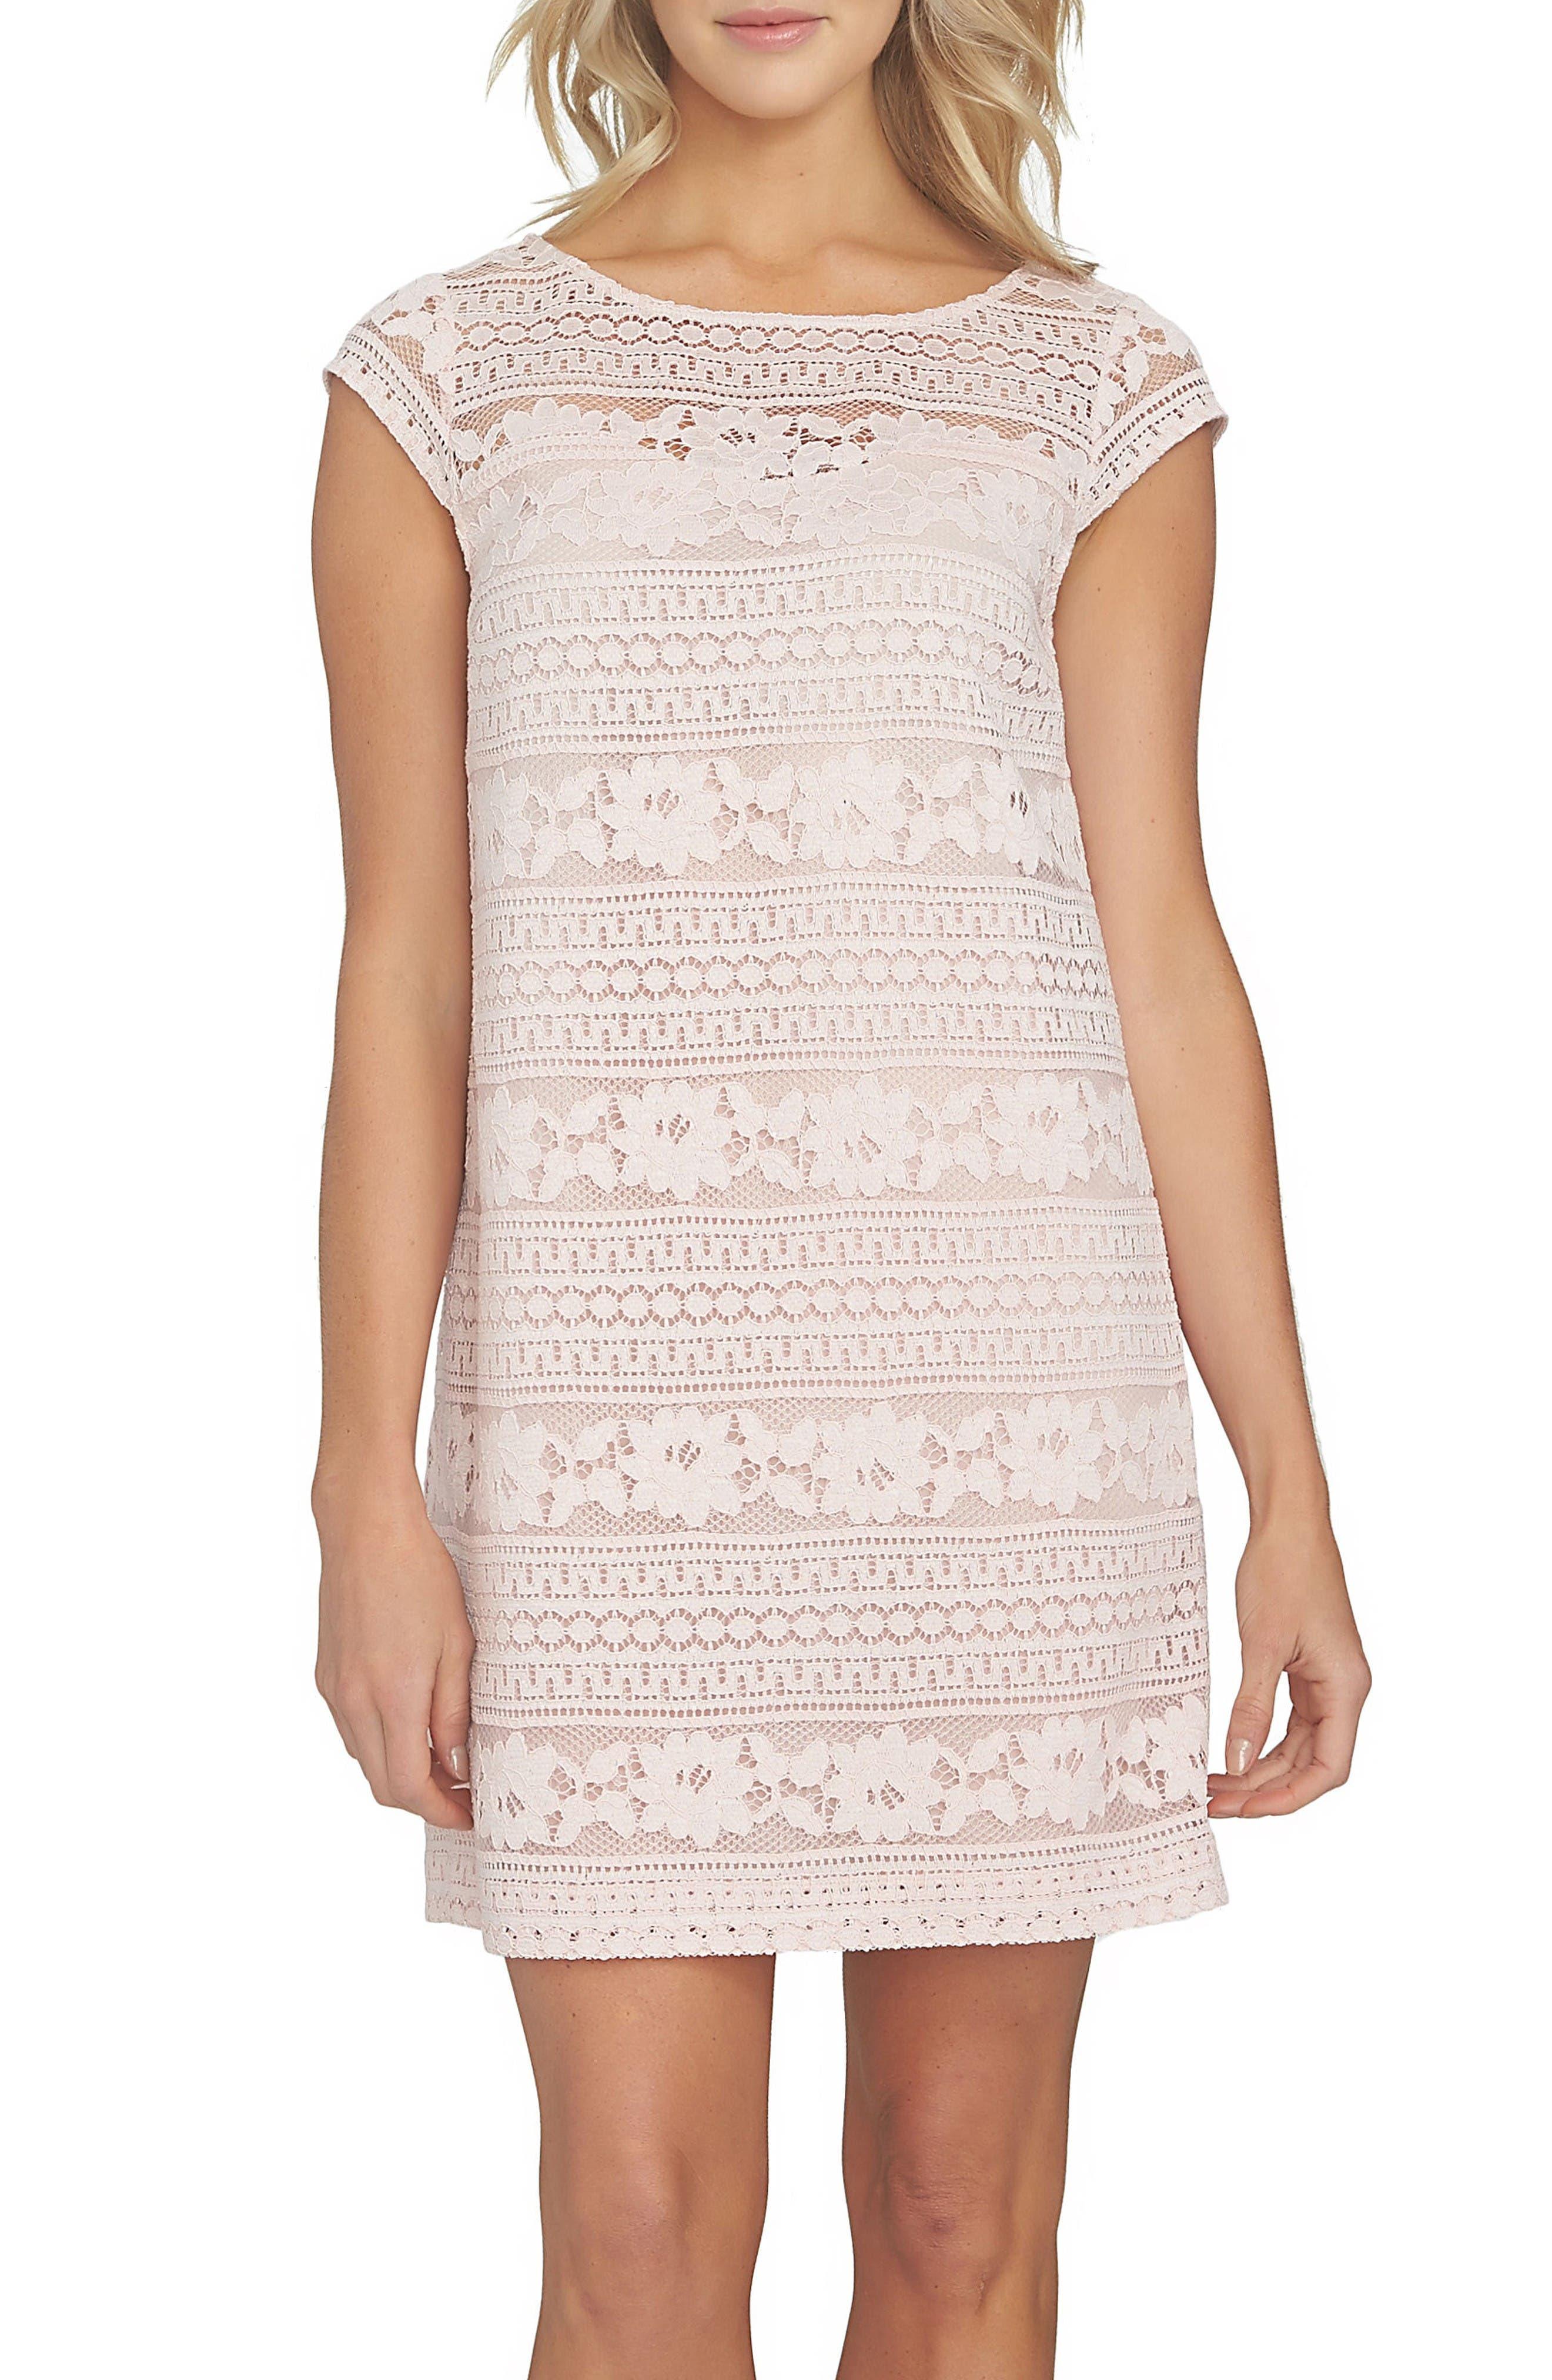 Cece Quinn Lace Shift Dress